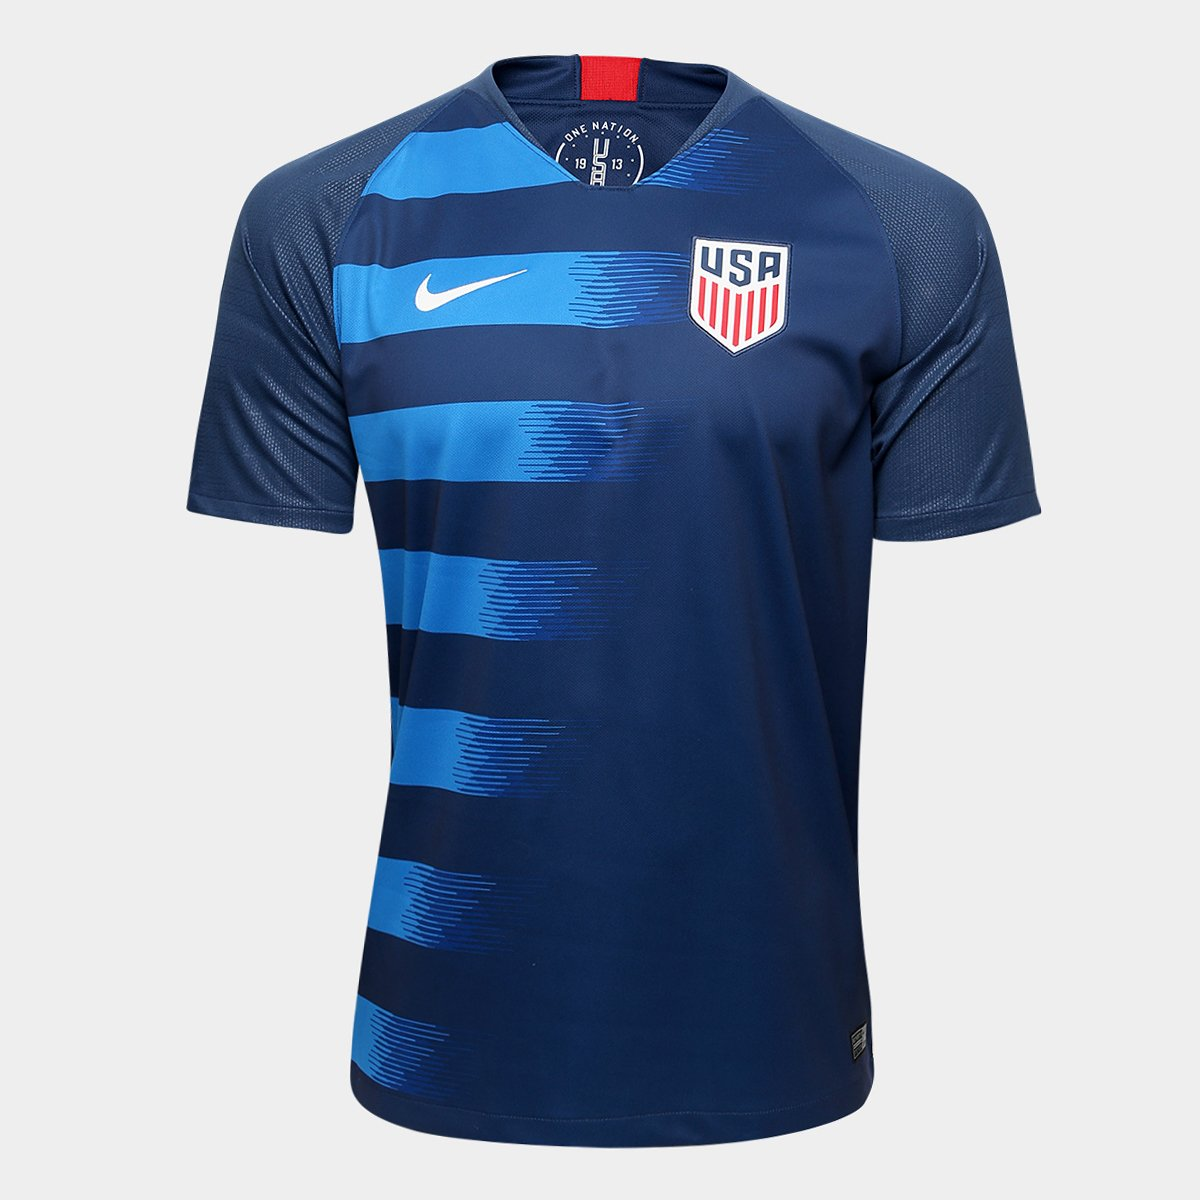 555434b14a Camisa Seleção Estados Unidos Away 2018 s n° Torcedor Nike Masculina -  Compre Agora